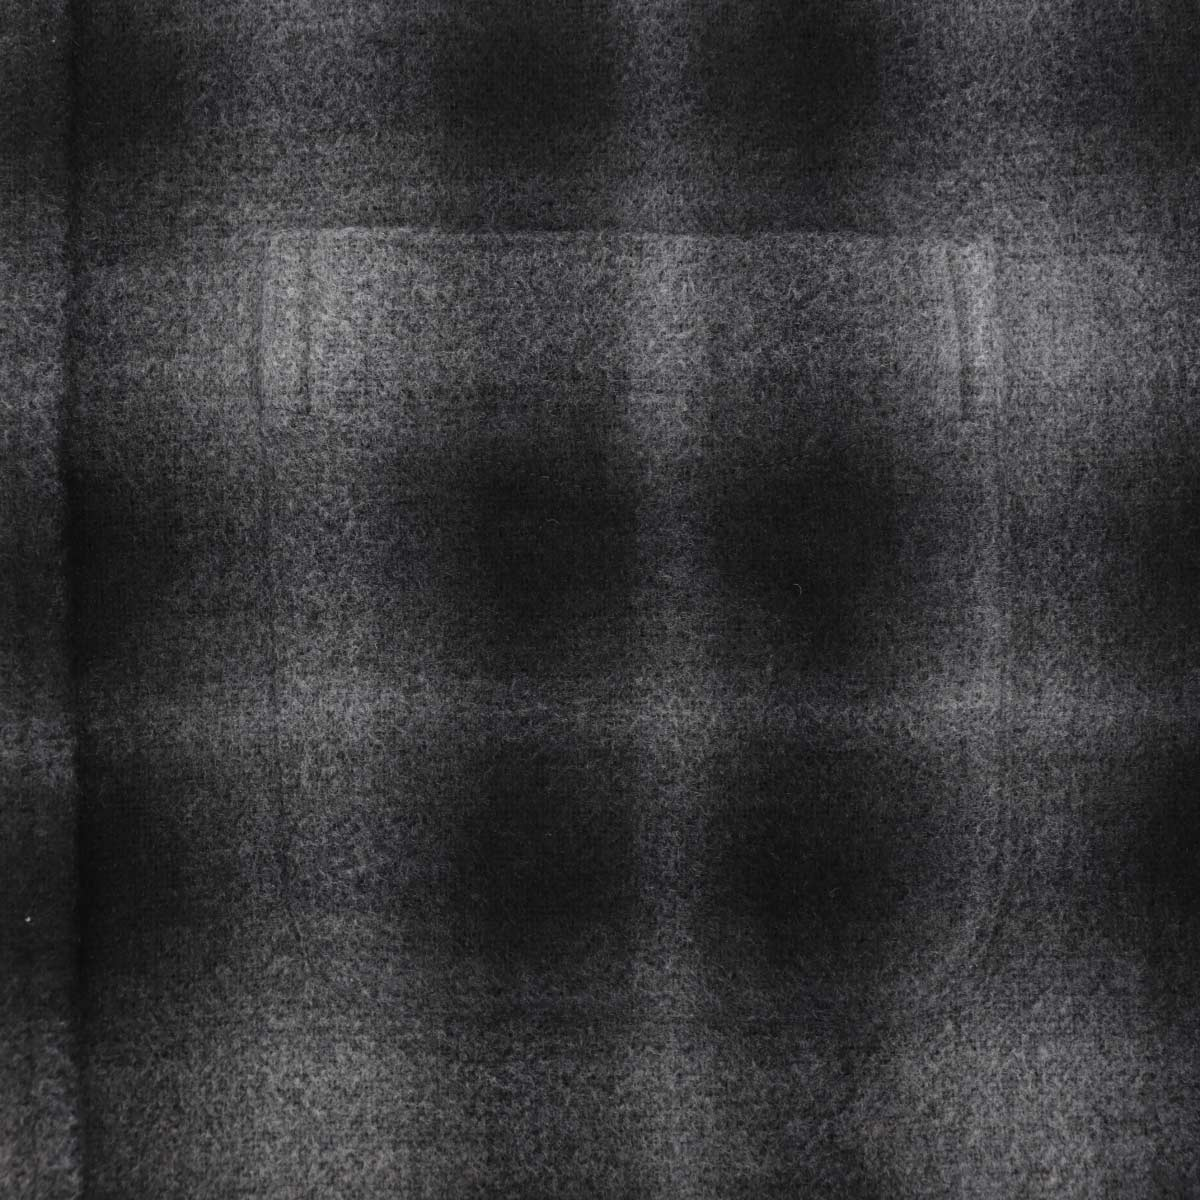 フランネル オンブレチェック ボタンダウンシャツ SL130018 BLACK (ブラック)